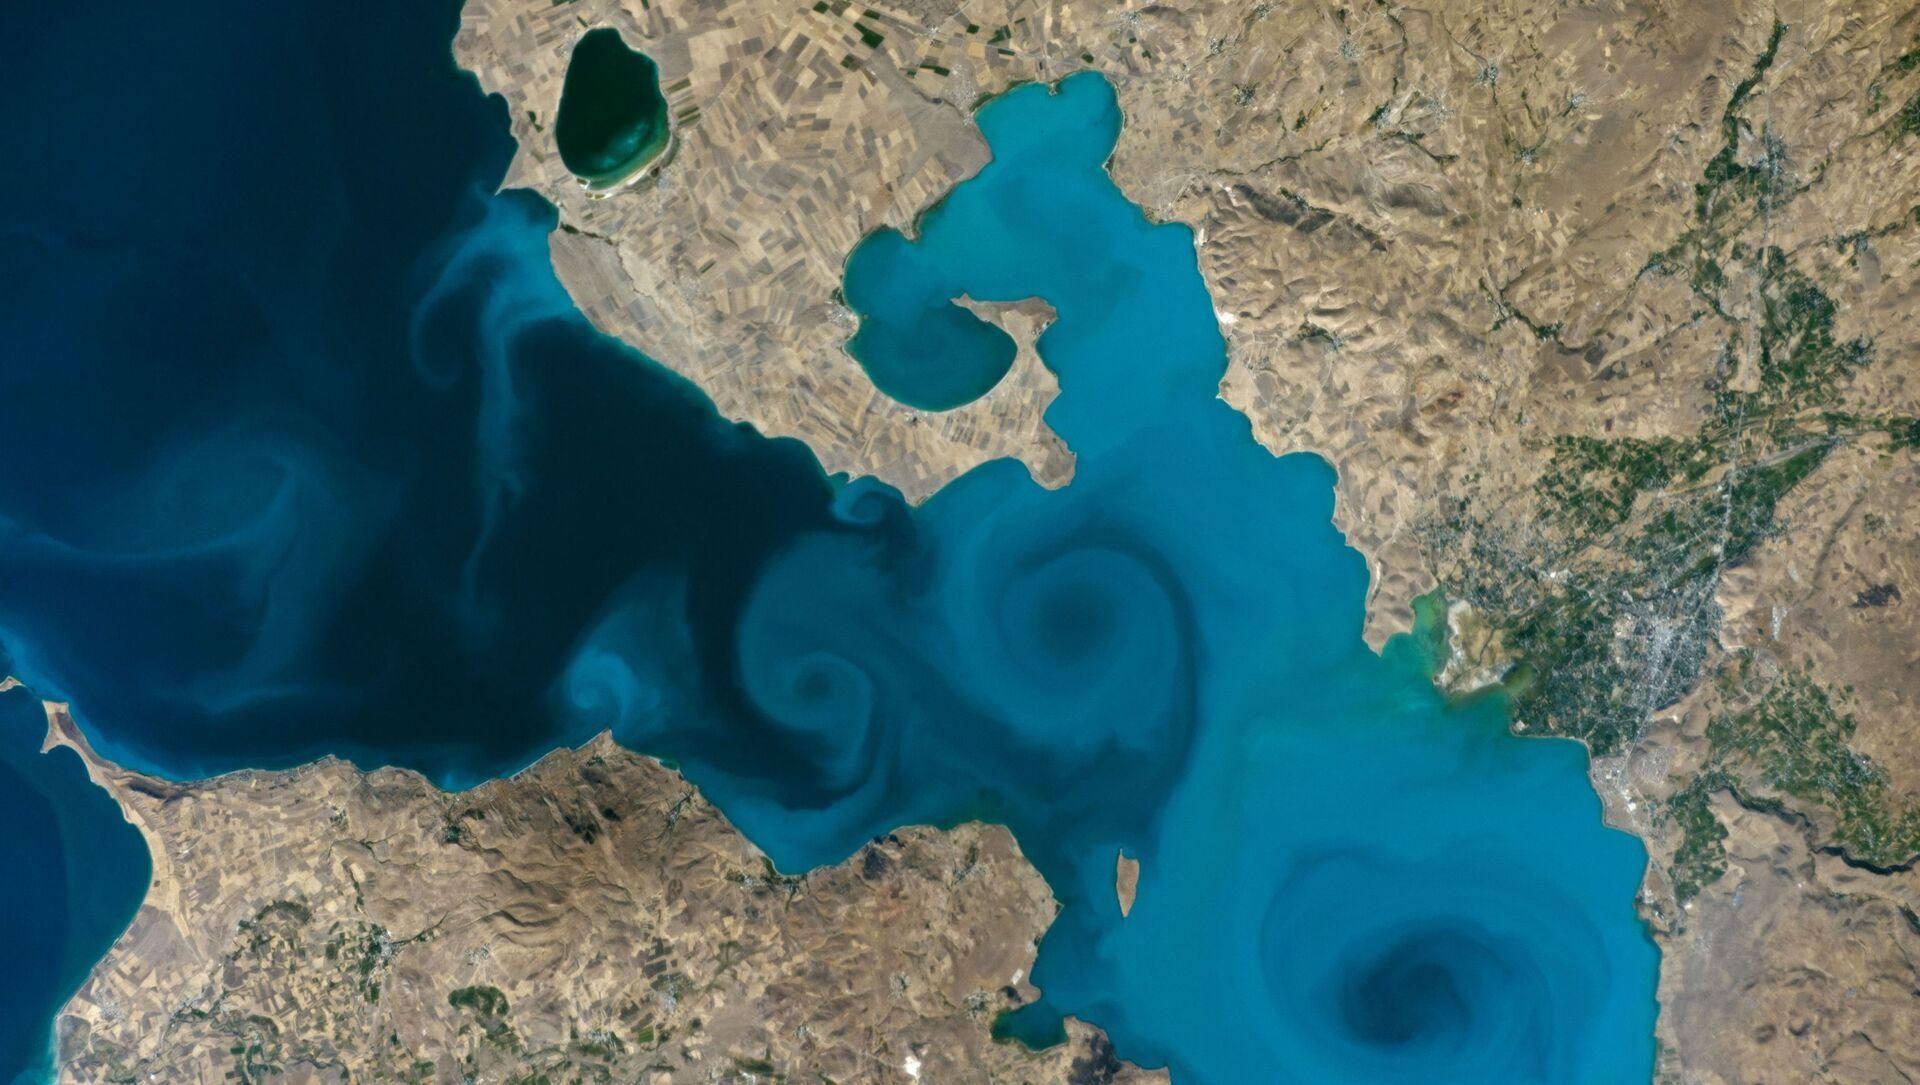 Van gölü uzay - Sputnik Türkiye, 1920, 12.04.2021